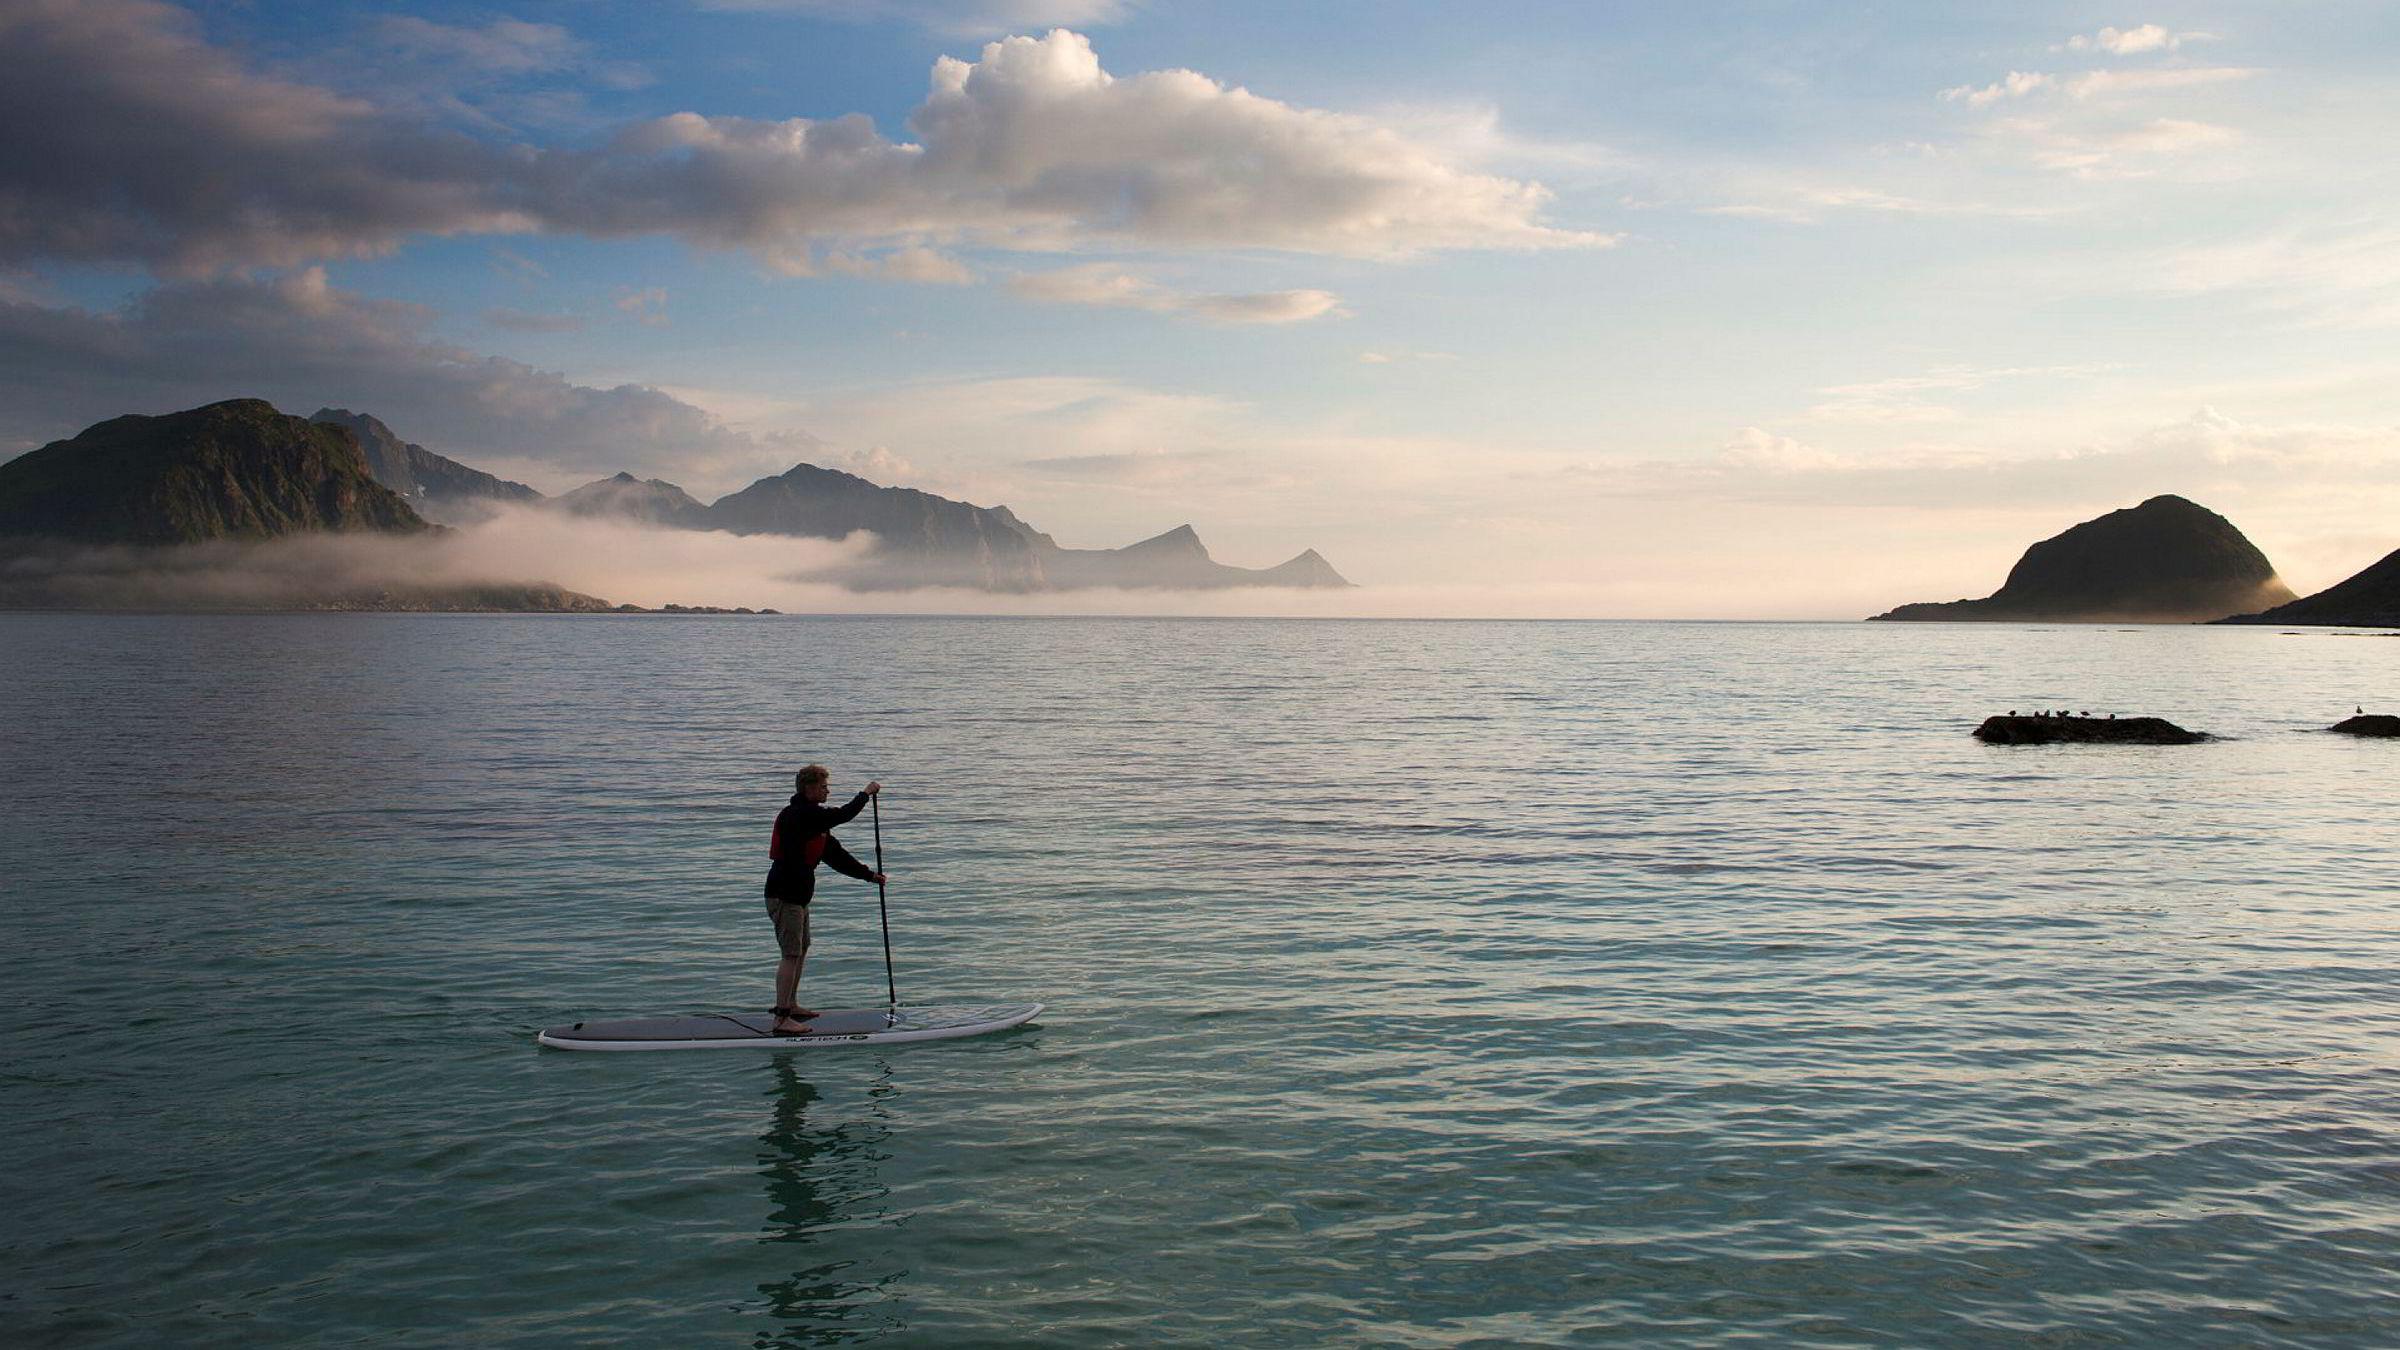 Ole Kristian Fjelltun-Larsen er en av stadig flere som leier ut SUP-brett til turister. Her padler han selv en tur ved Haukland i Lofoten.